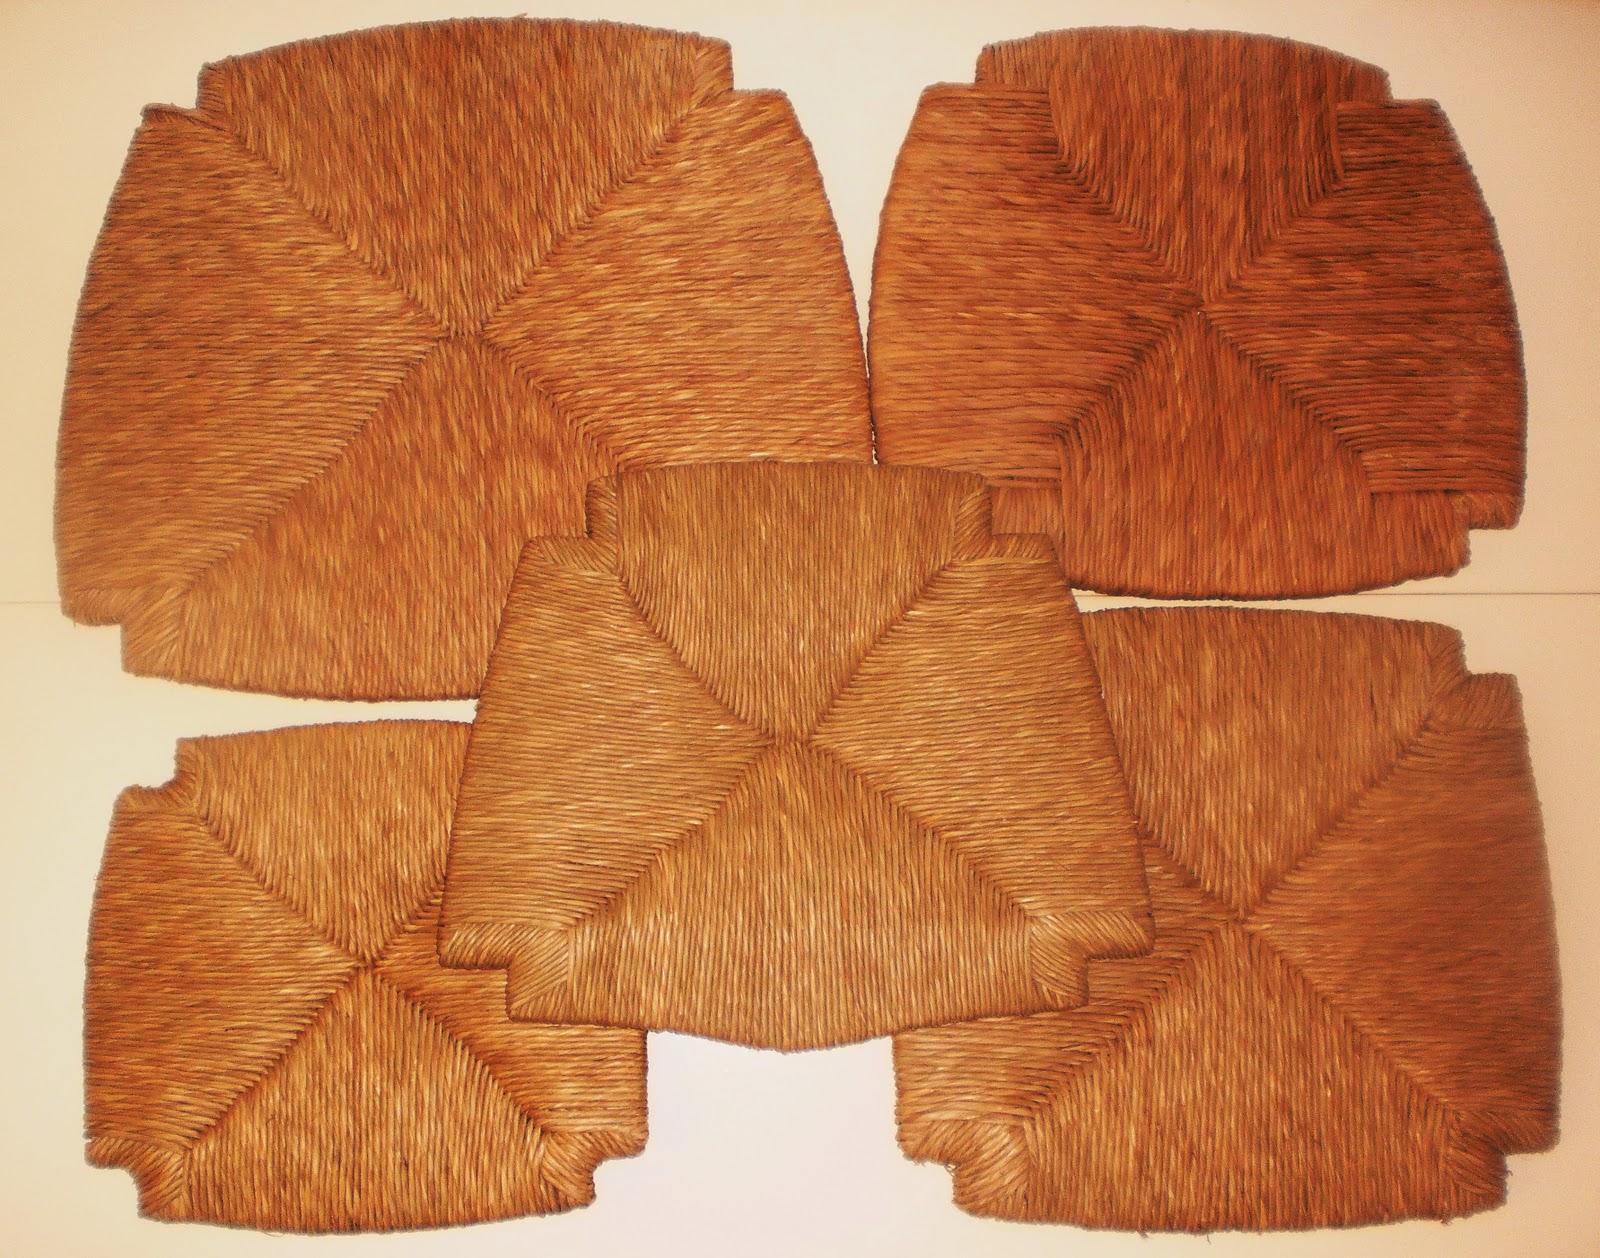 Fabrica de sillas de madera pauli sillas y mesas de for Asientos para sillas